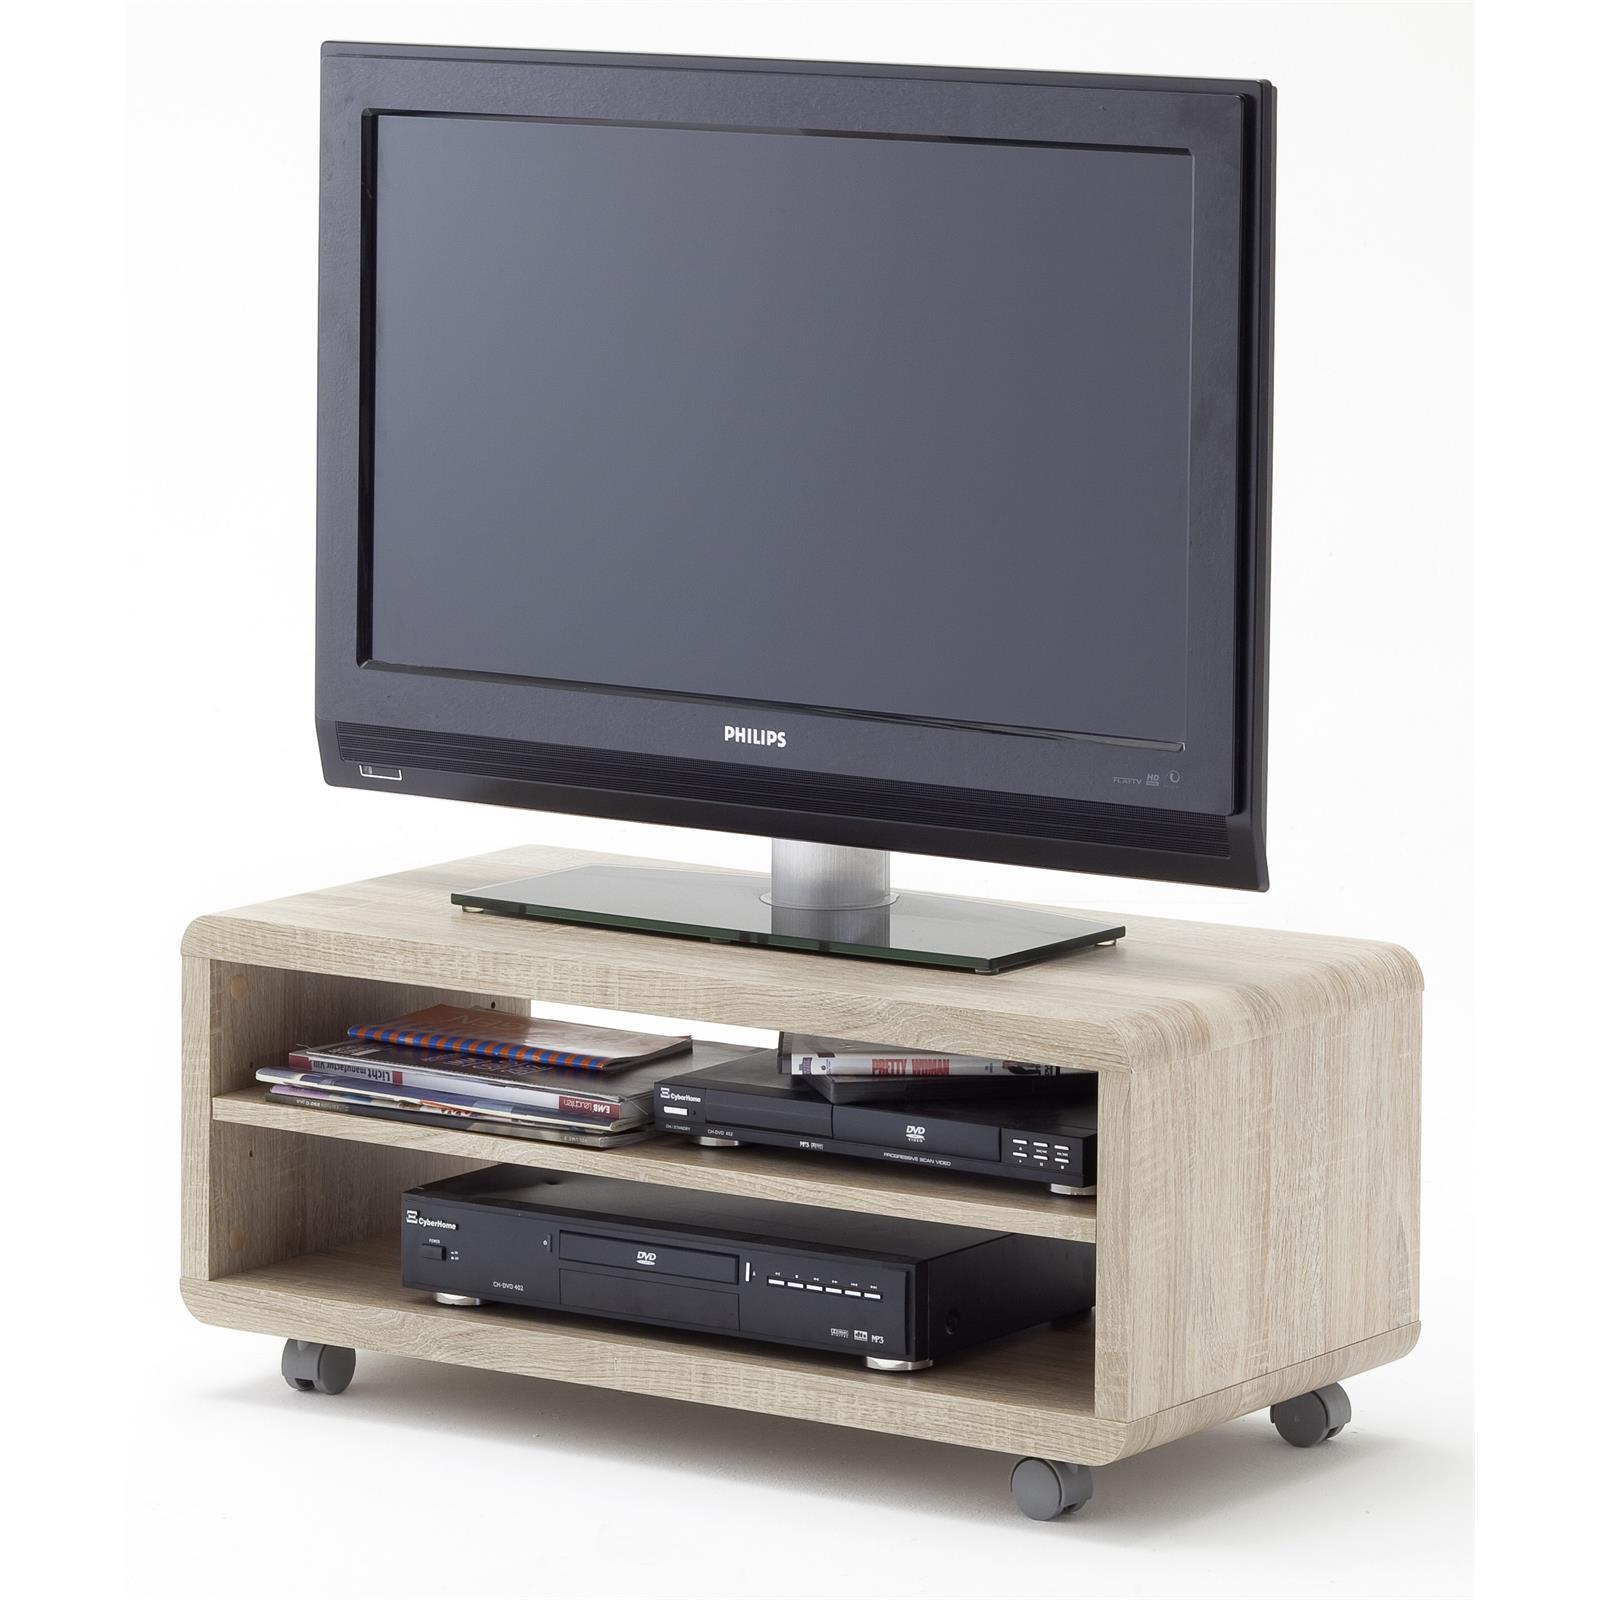 Tv fernseh schrank lowboard tisch m bel design eiche for Tisch design eiche